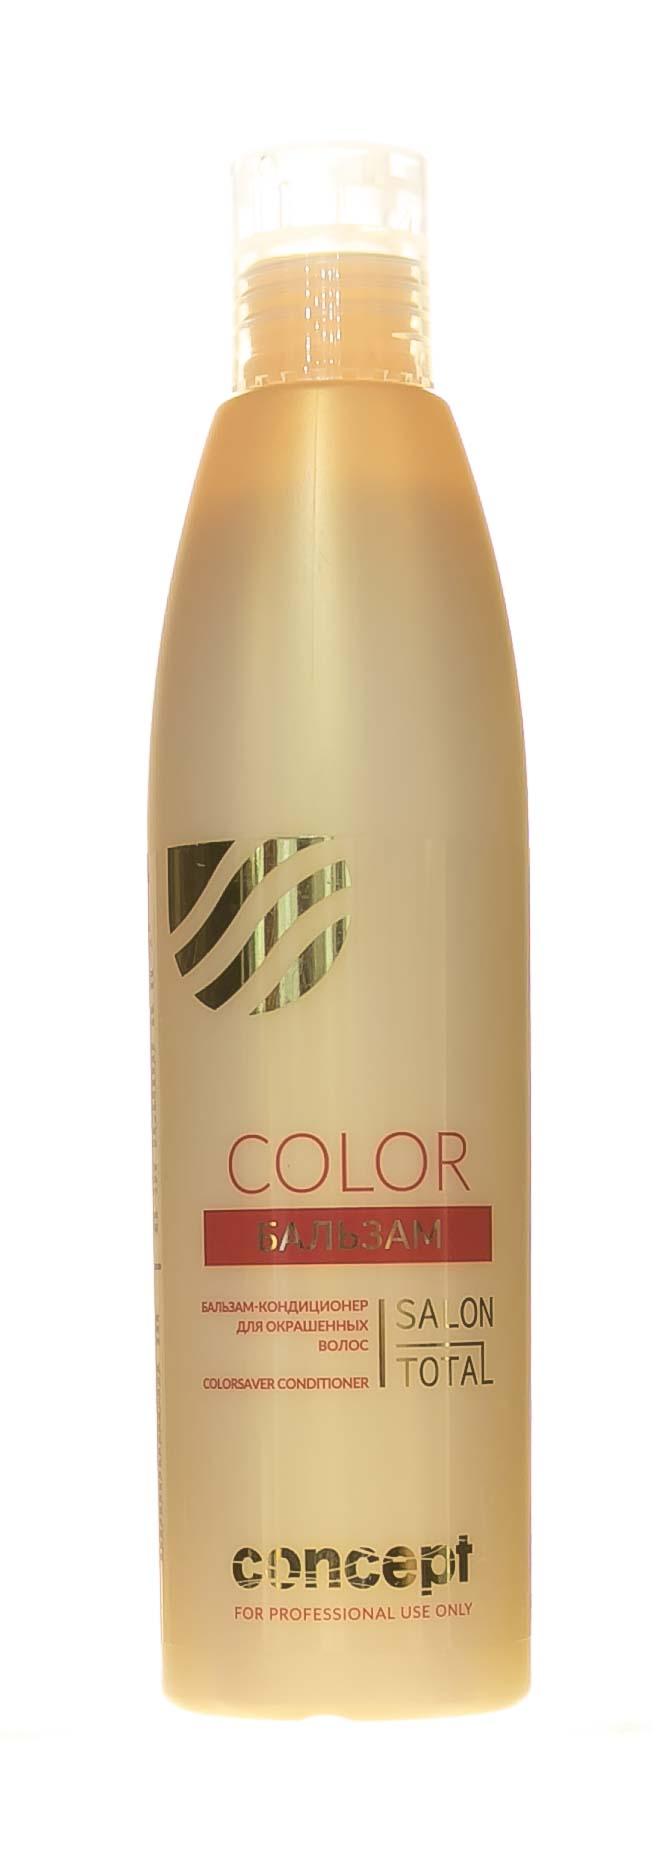 Купить Concept Бальзам-кондиционер для окрашенных волос 300 мл (Concept, )